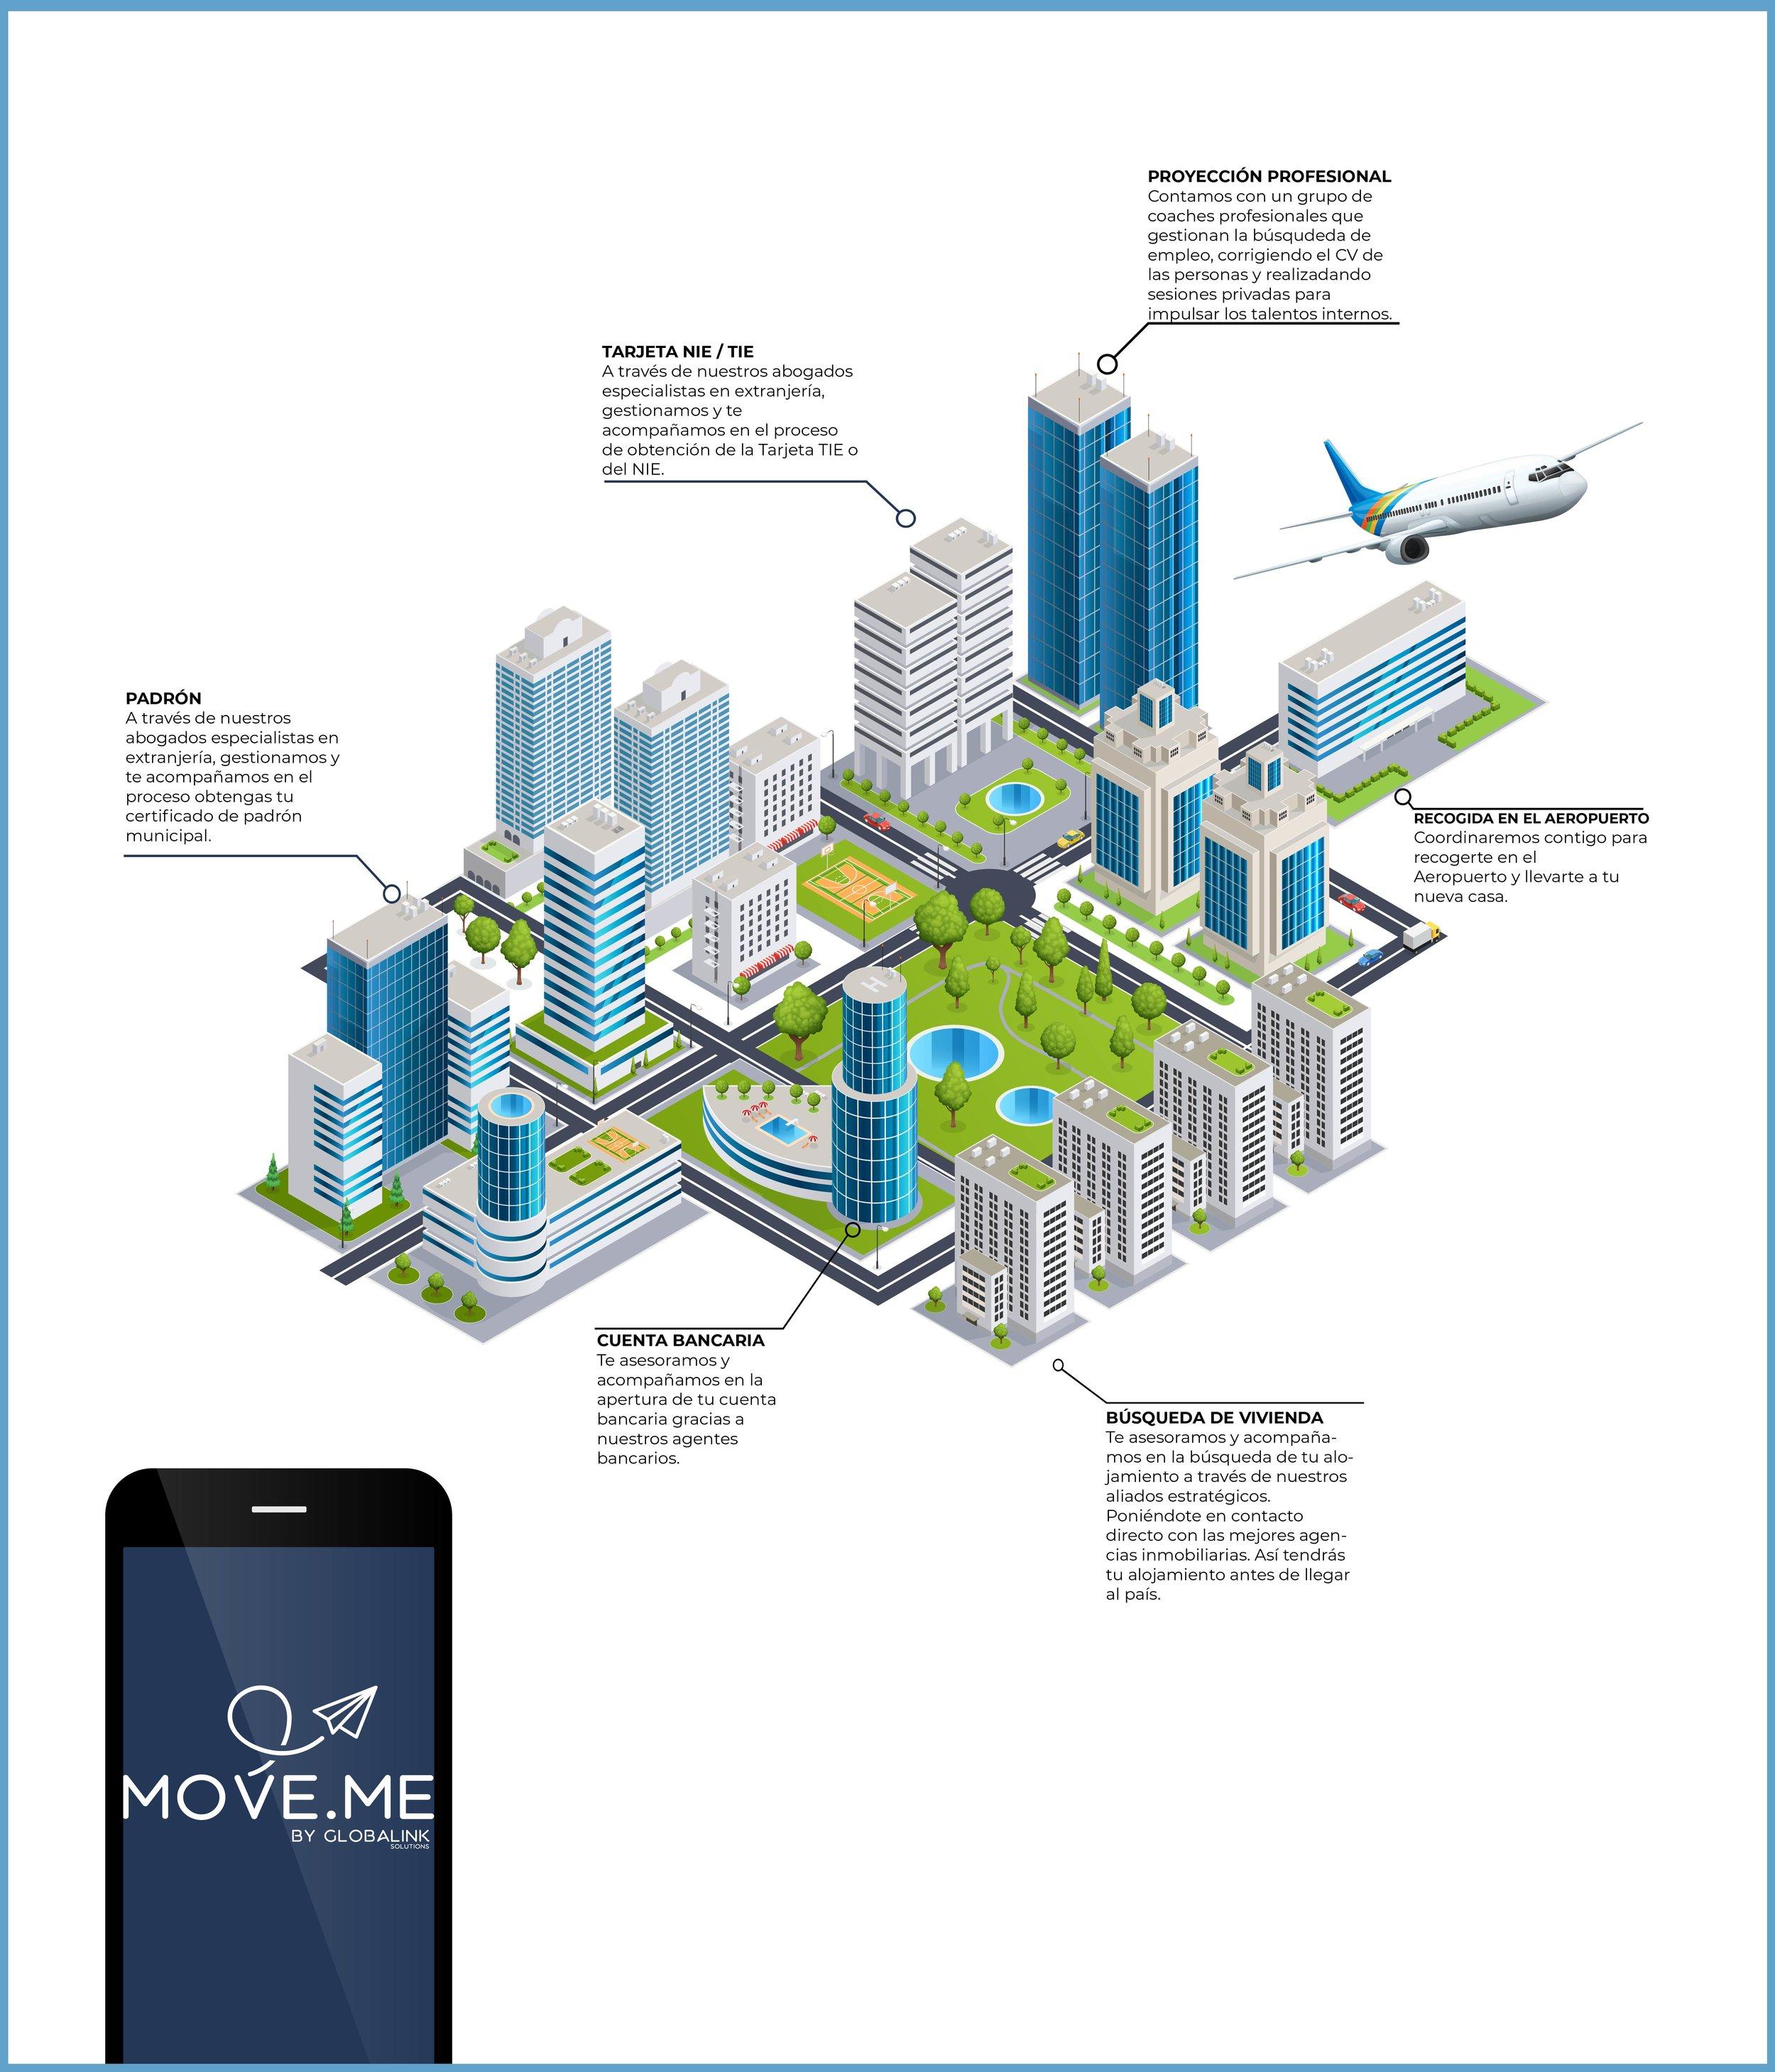 servicios MoveMe_Mesa de trabajo 1 copia.jpg